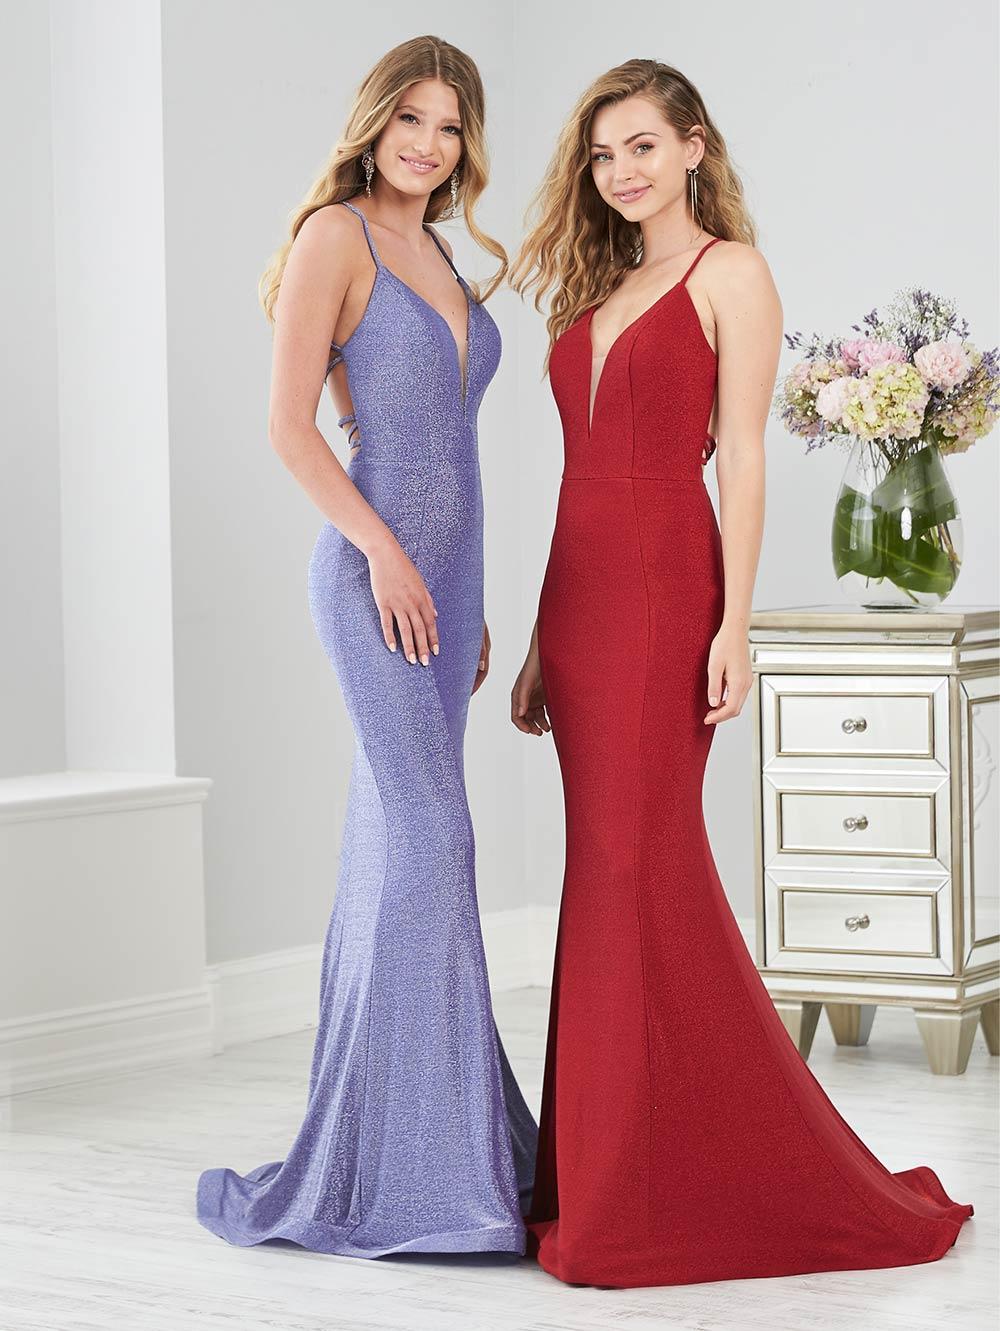 prom-dresses-jacquelin-bridals-canada-27888